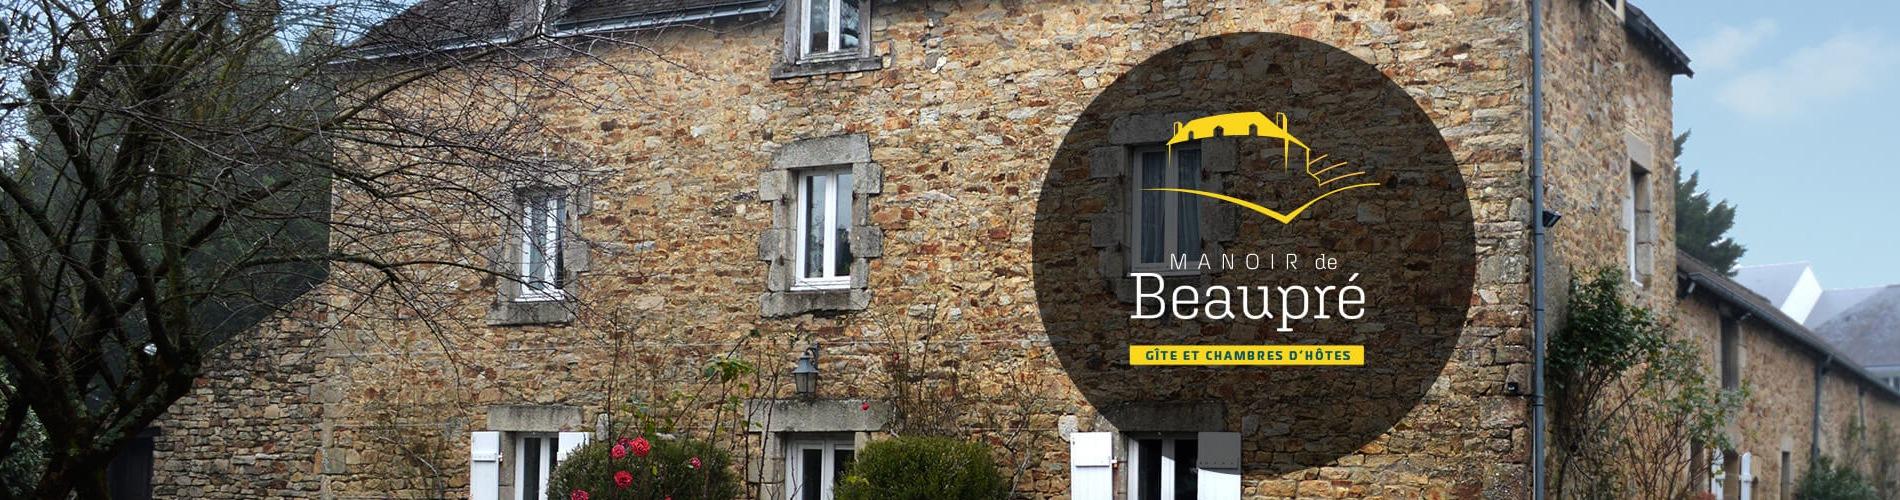 Manoir de Beaupré